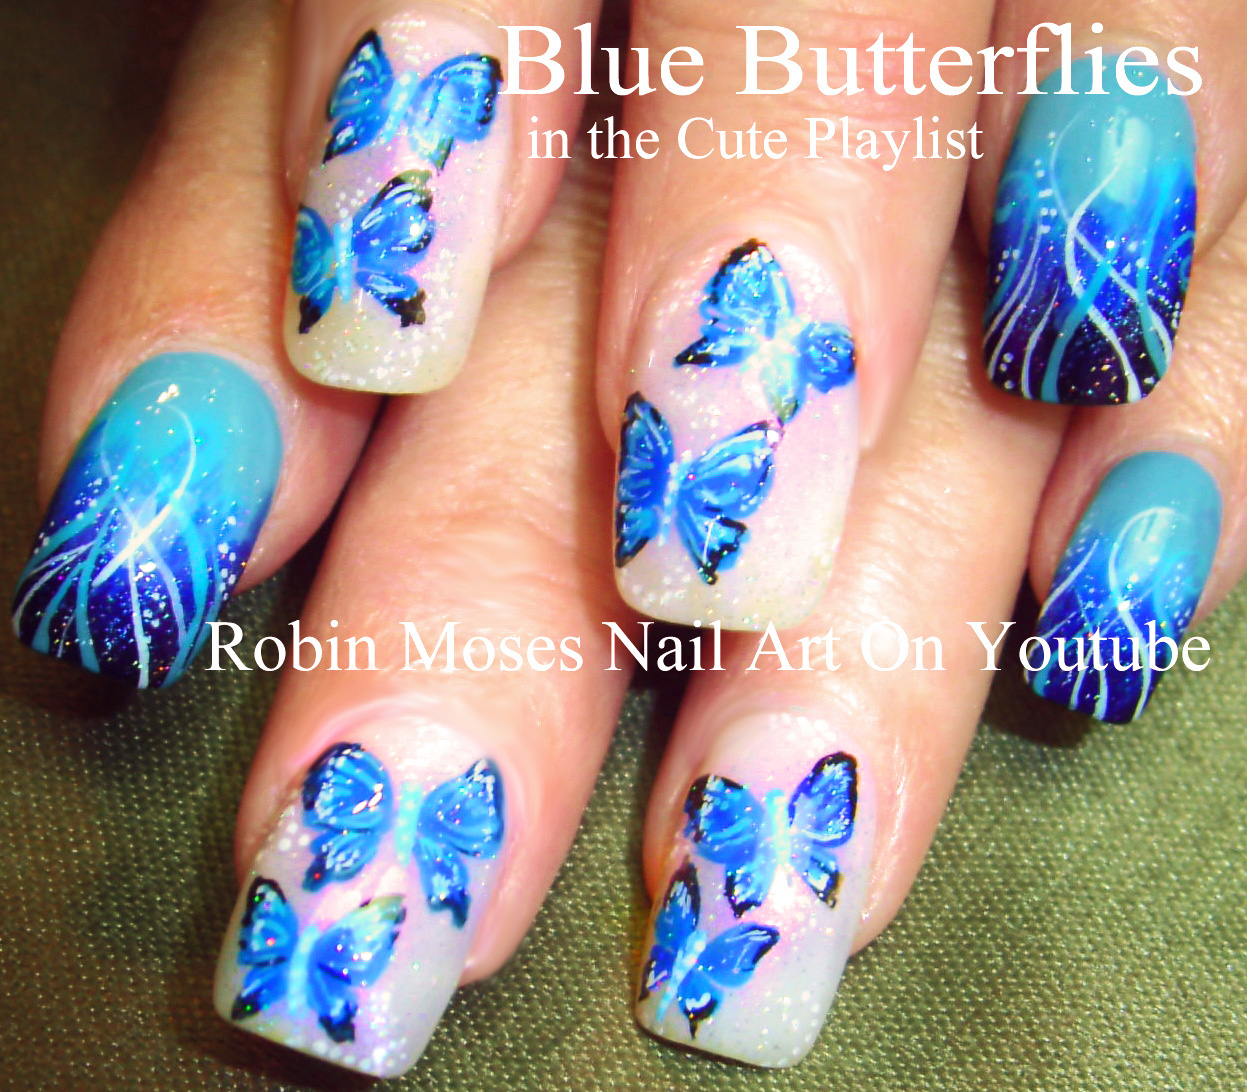 Robin Moses Nail Art Designs: Robin Moses Nail Art: Spring Butterfly Nail Art Design